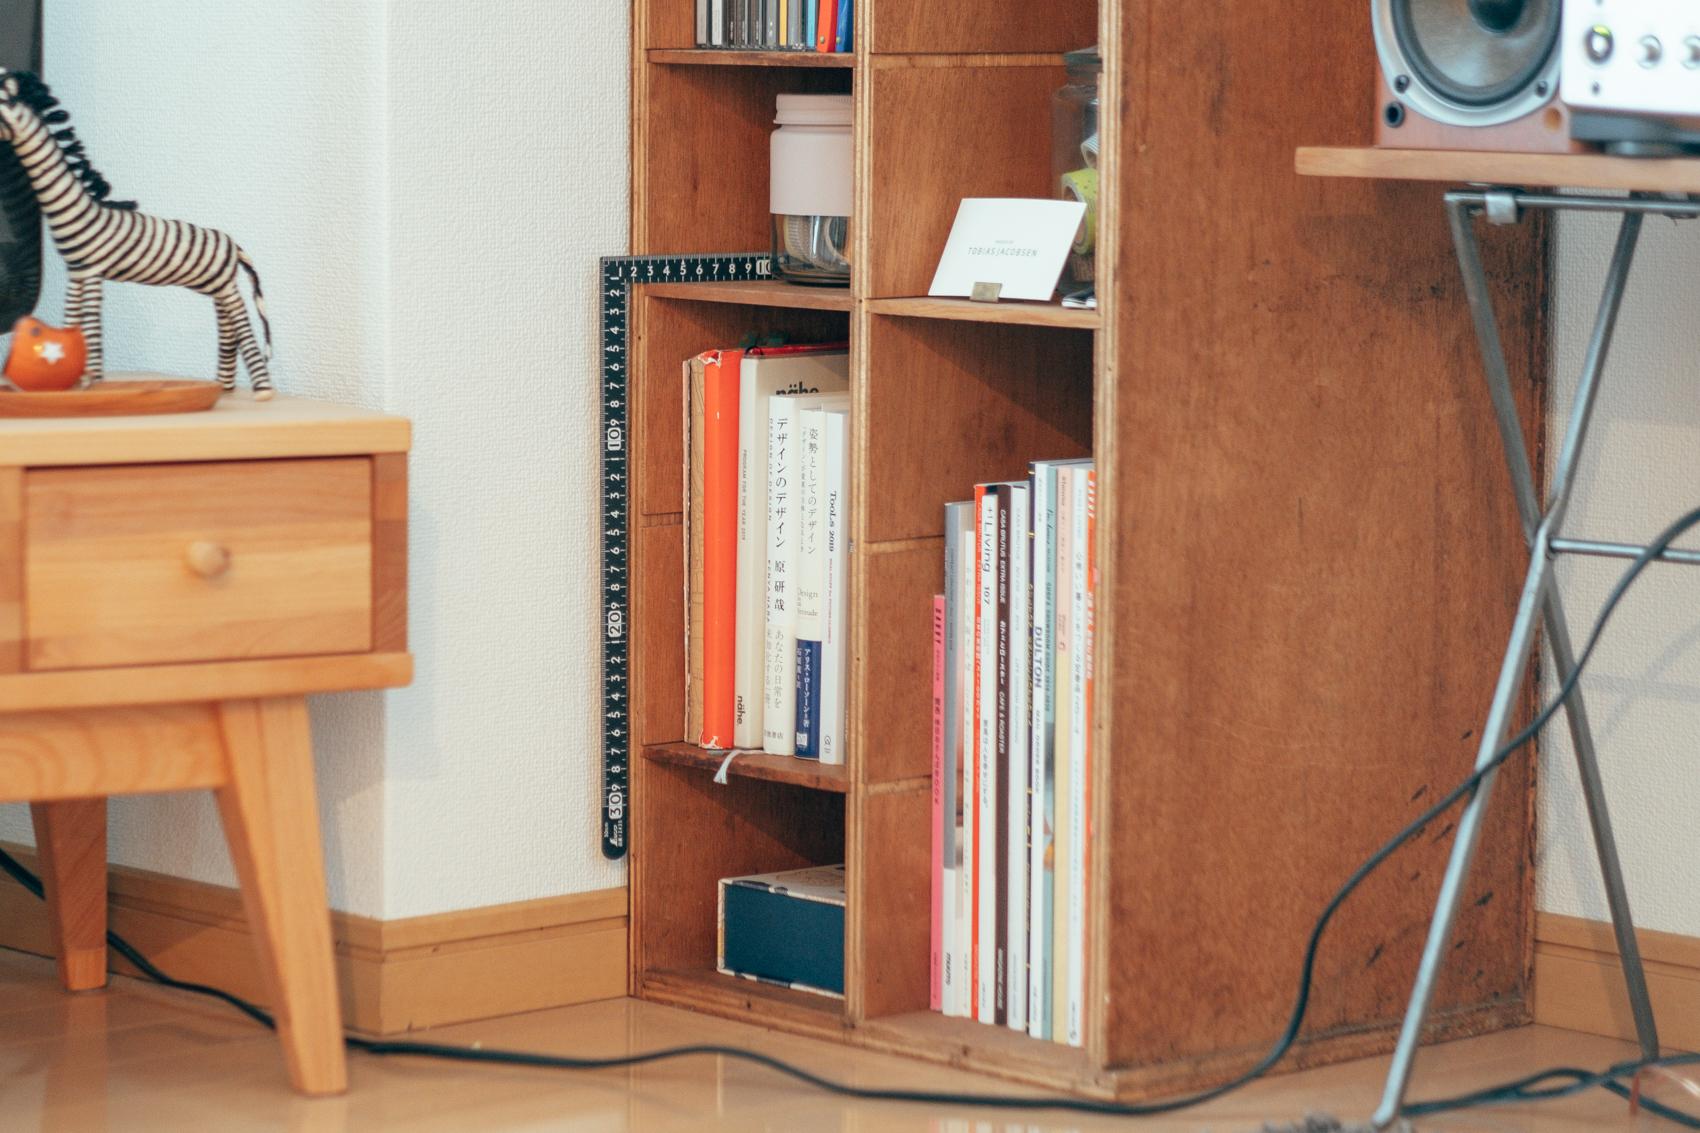 使い勝手の良い場所に、棚板を細かく抜き差しできるのがポイントだそう。当初の想像通り、雑誌などの書籍だけでなく、お気に入りの雑貨なども自由に配置できています。かゆいところに手が届く利便性を兼ね備えた古道具ですね。